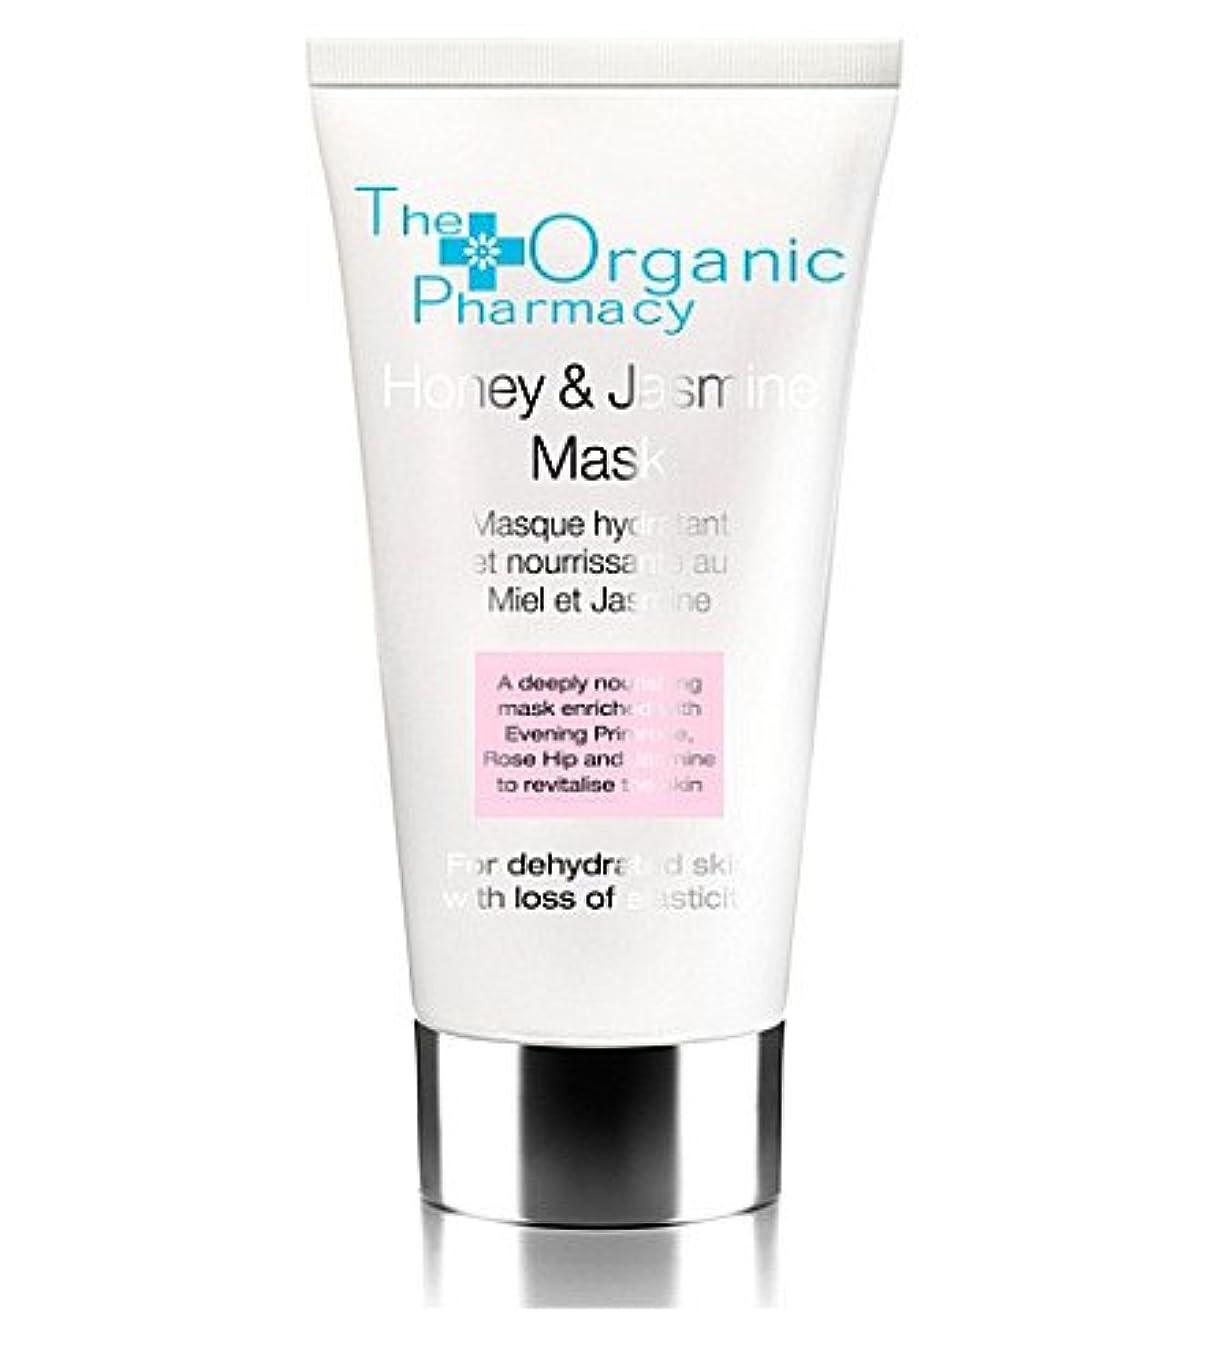 教育者定説最大オーガニックファーマシー The Organic Pharmacy H&J マスク 60ml (ハニー&ジャスミン マスク)